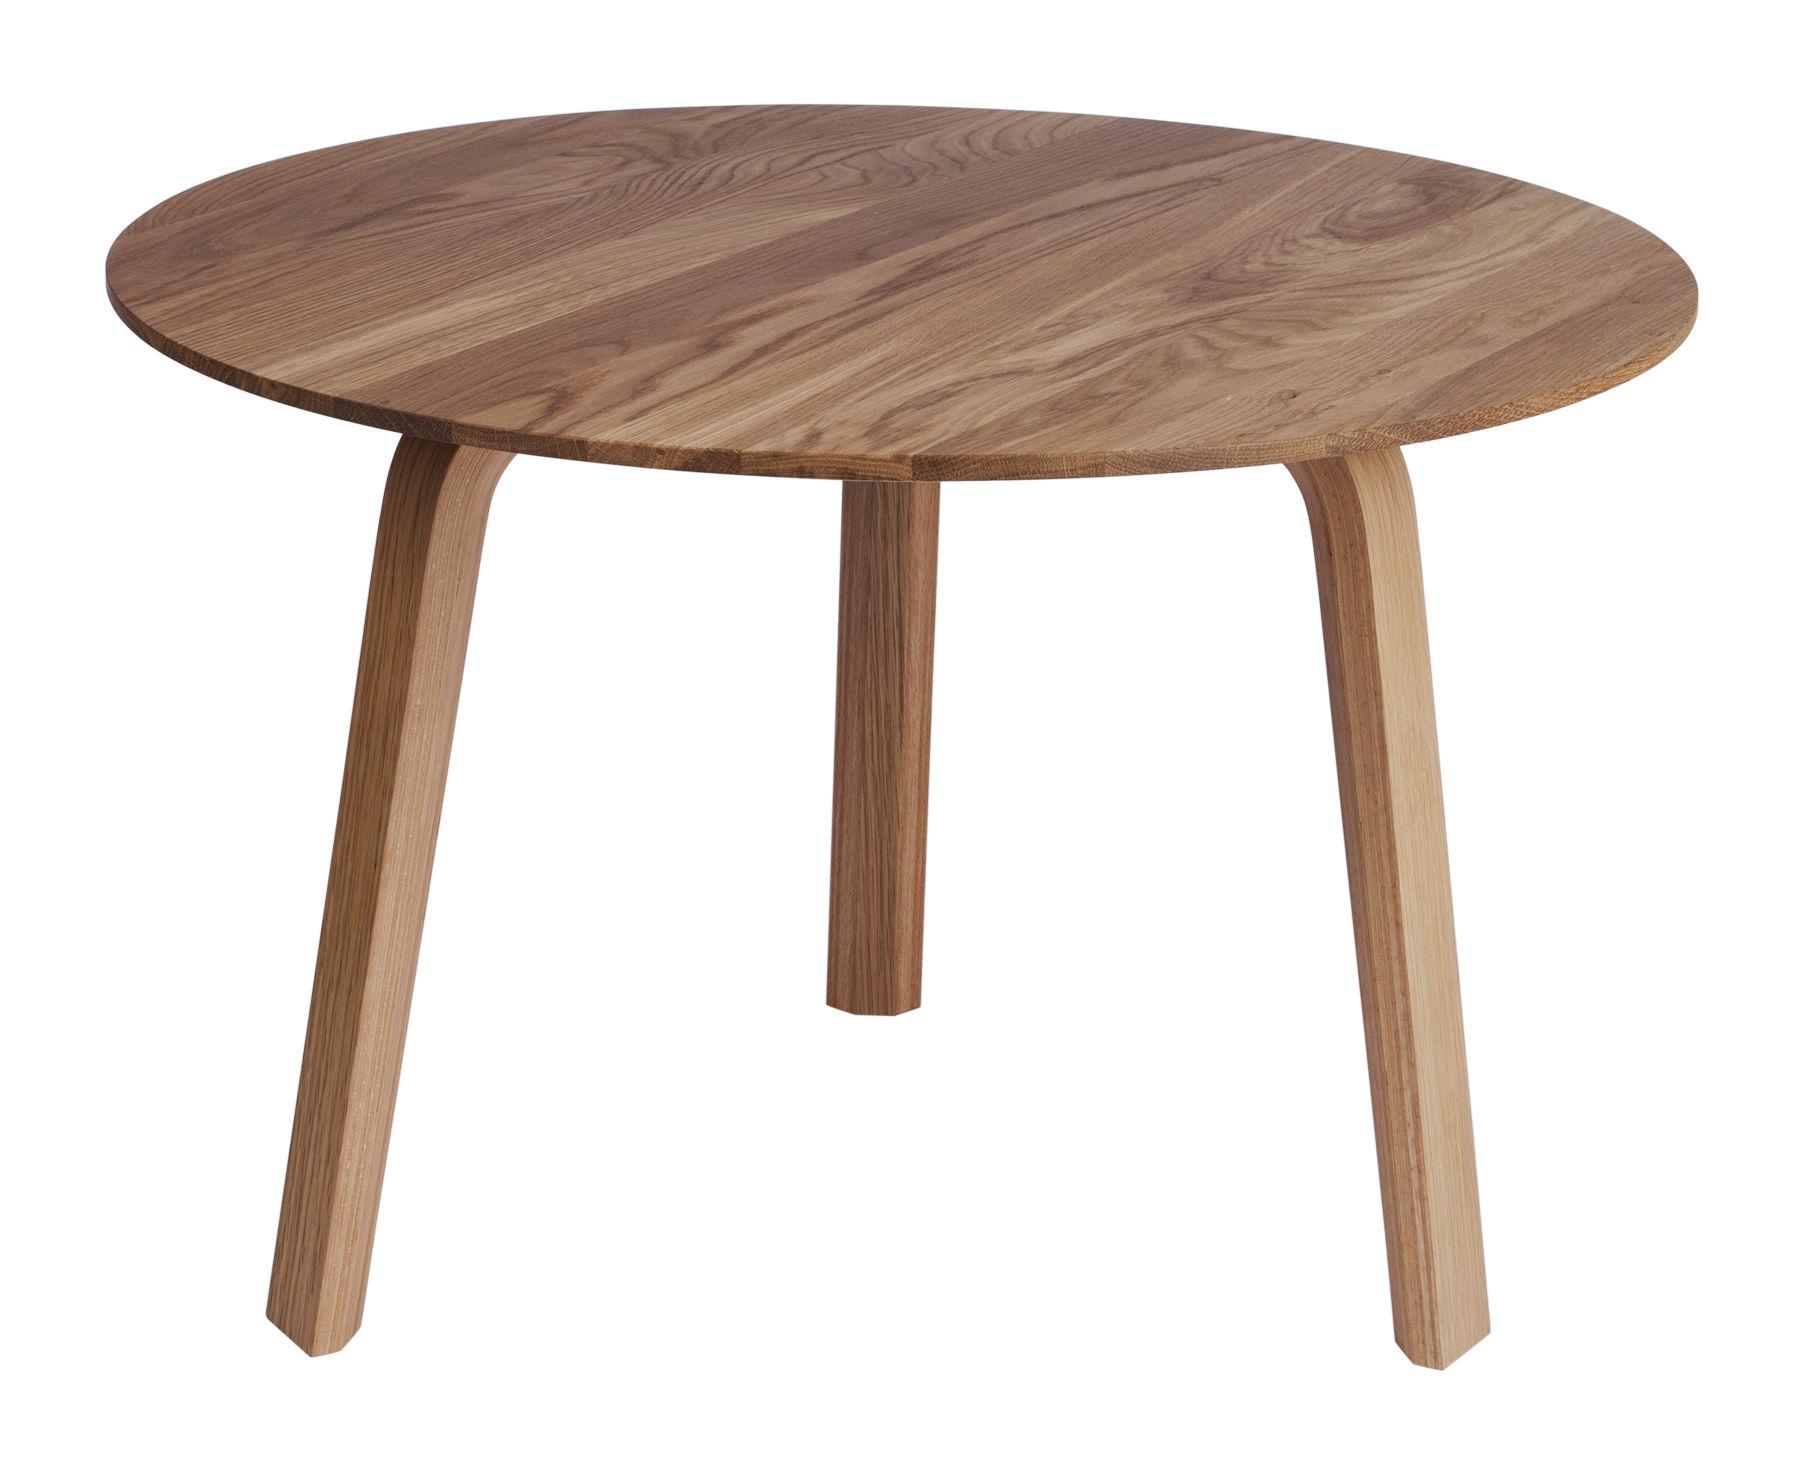 Arredamento - Tavolini  - Tavolino Bella - Ø 60 / A 39 cm di Hay - Rovere naturale - Massello di quercia oliato